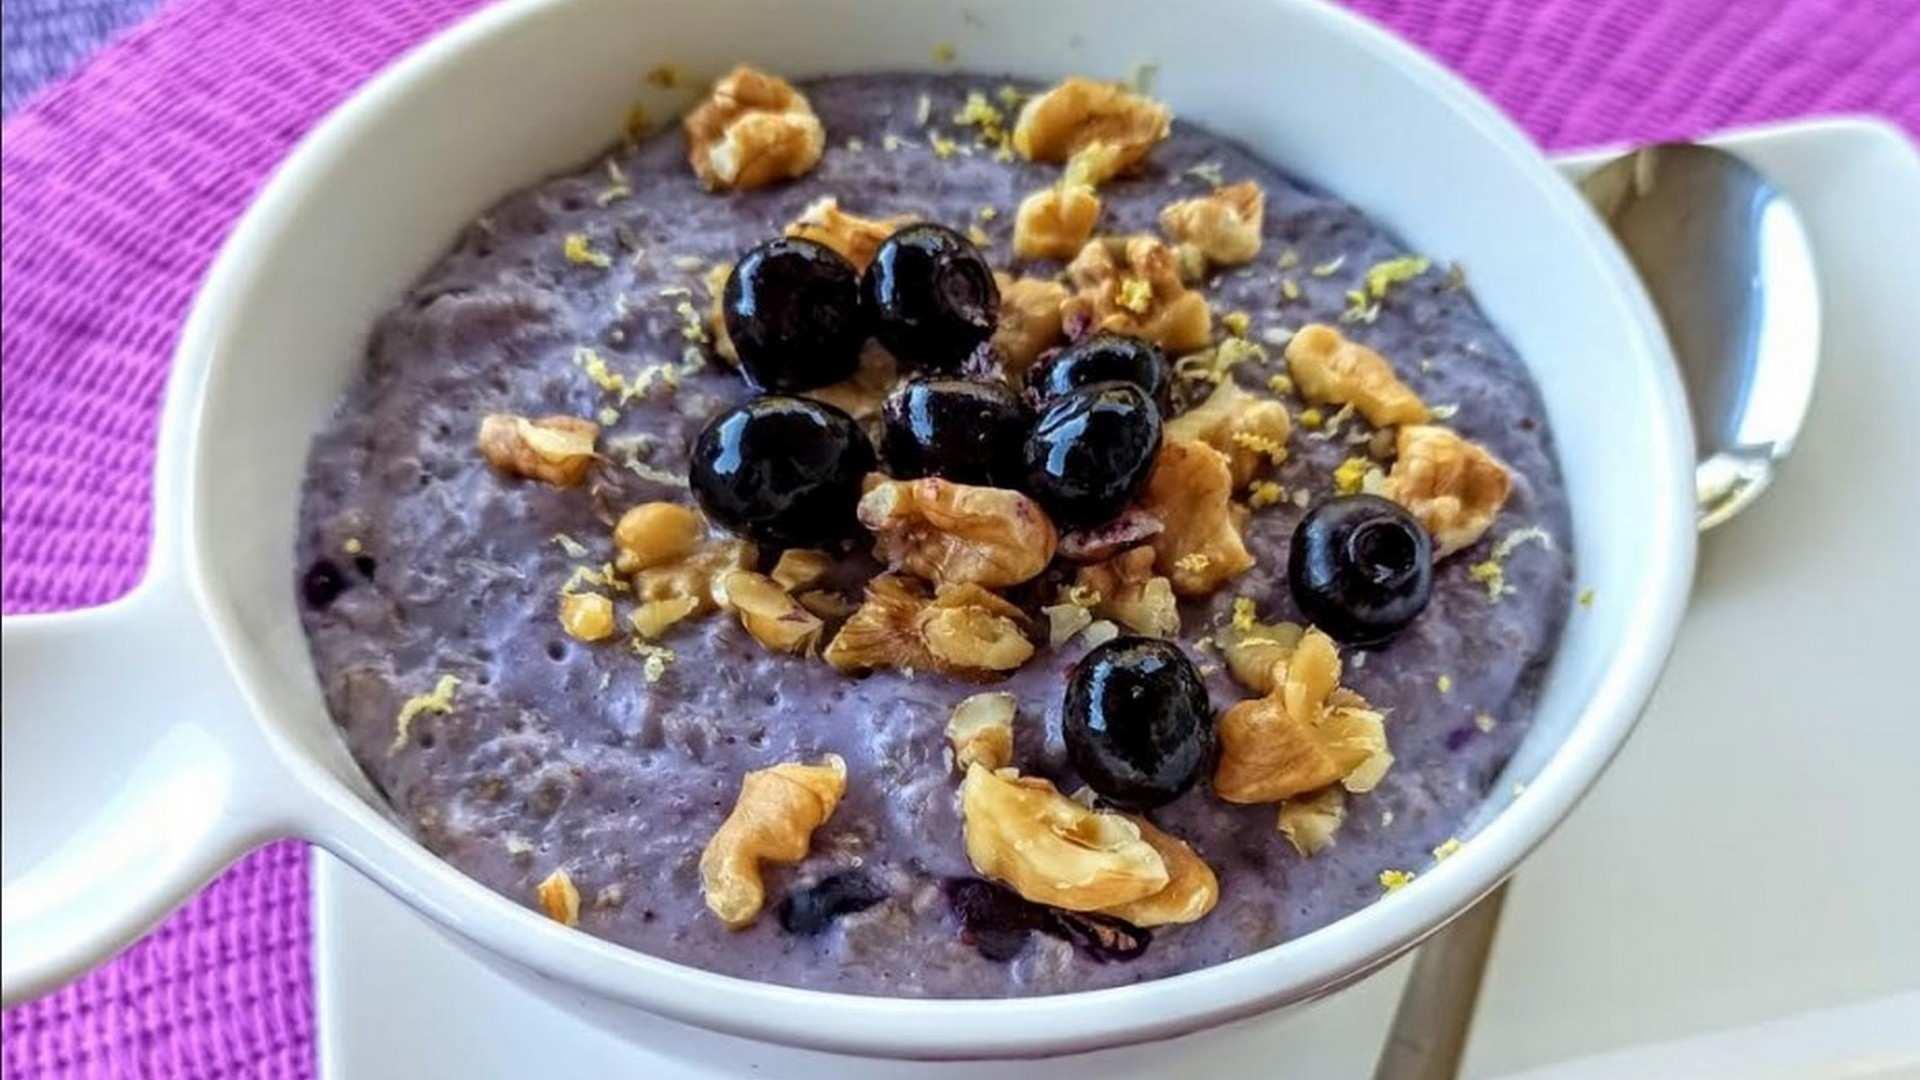 Receta de Porridge con Arándanos